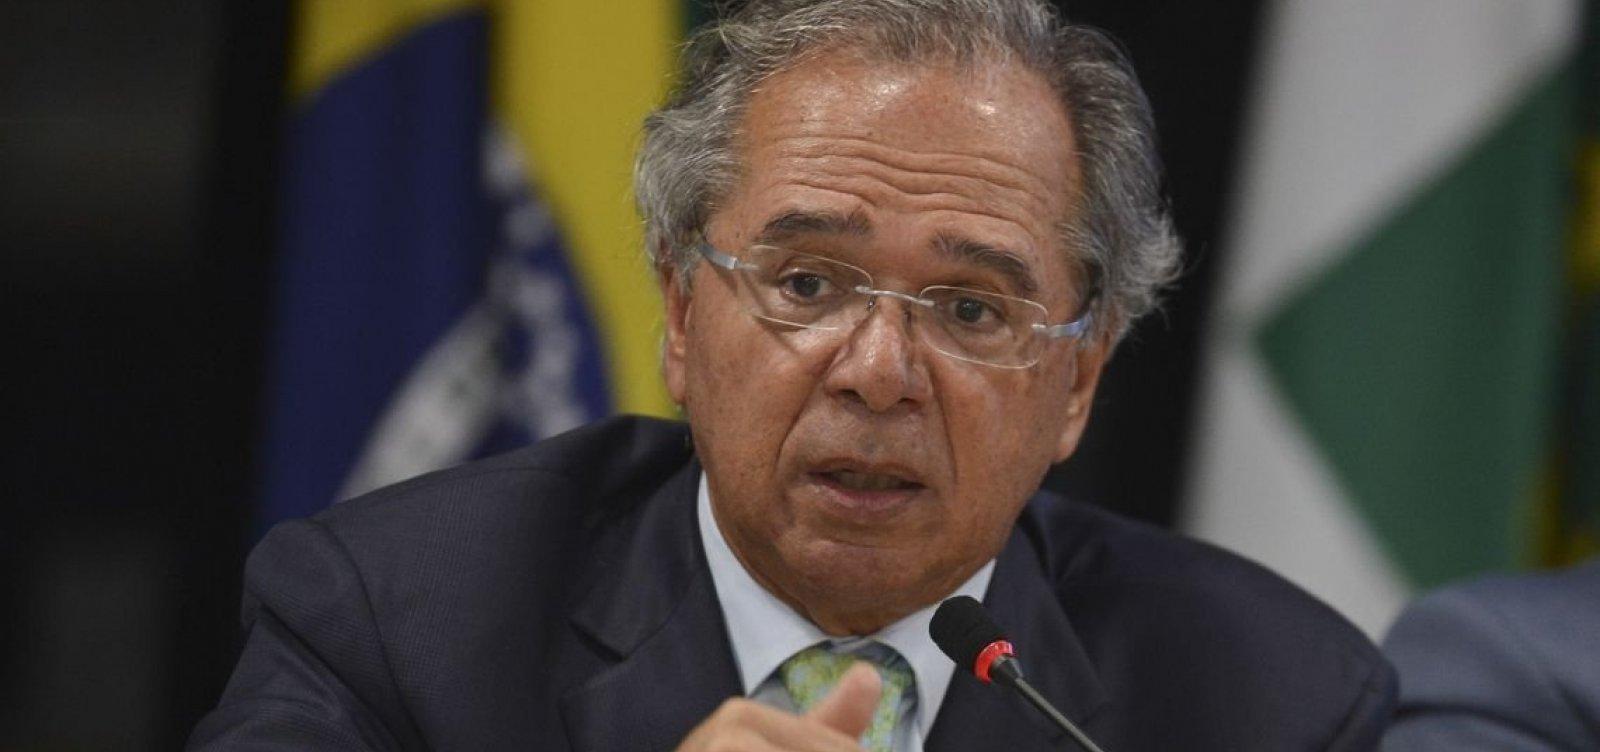 [Governo Bolsonaro vai anunciar novos bloqueios no Orçamento]